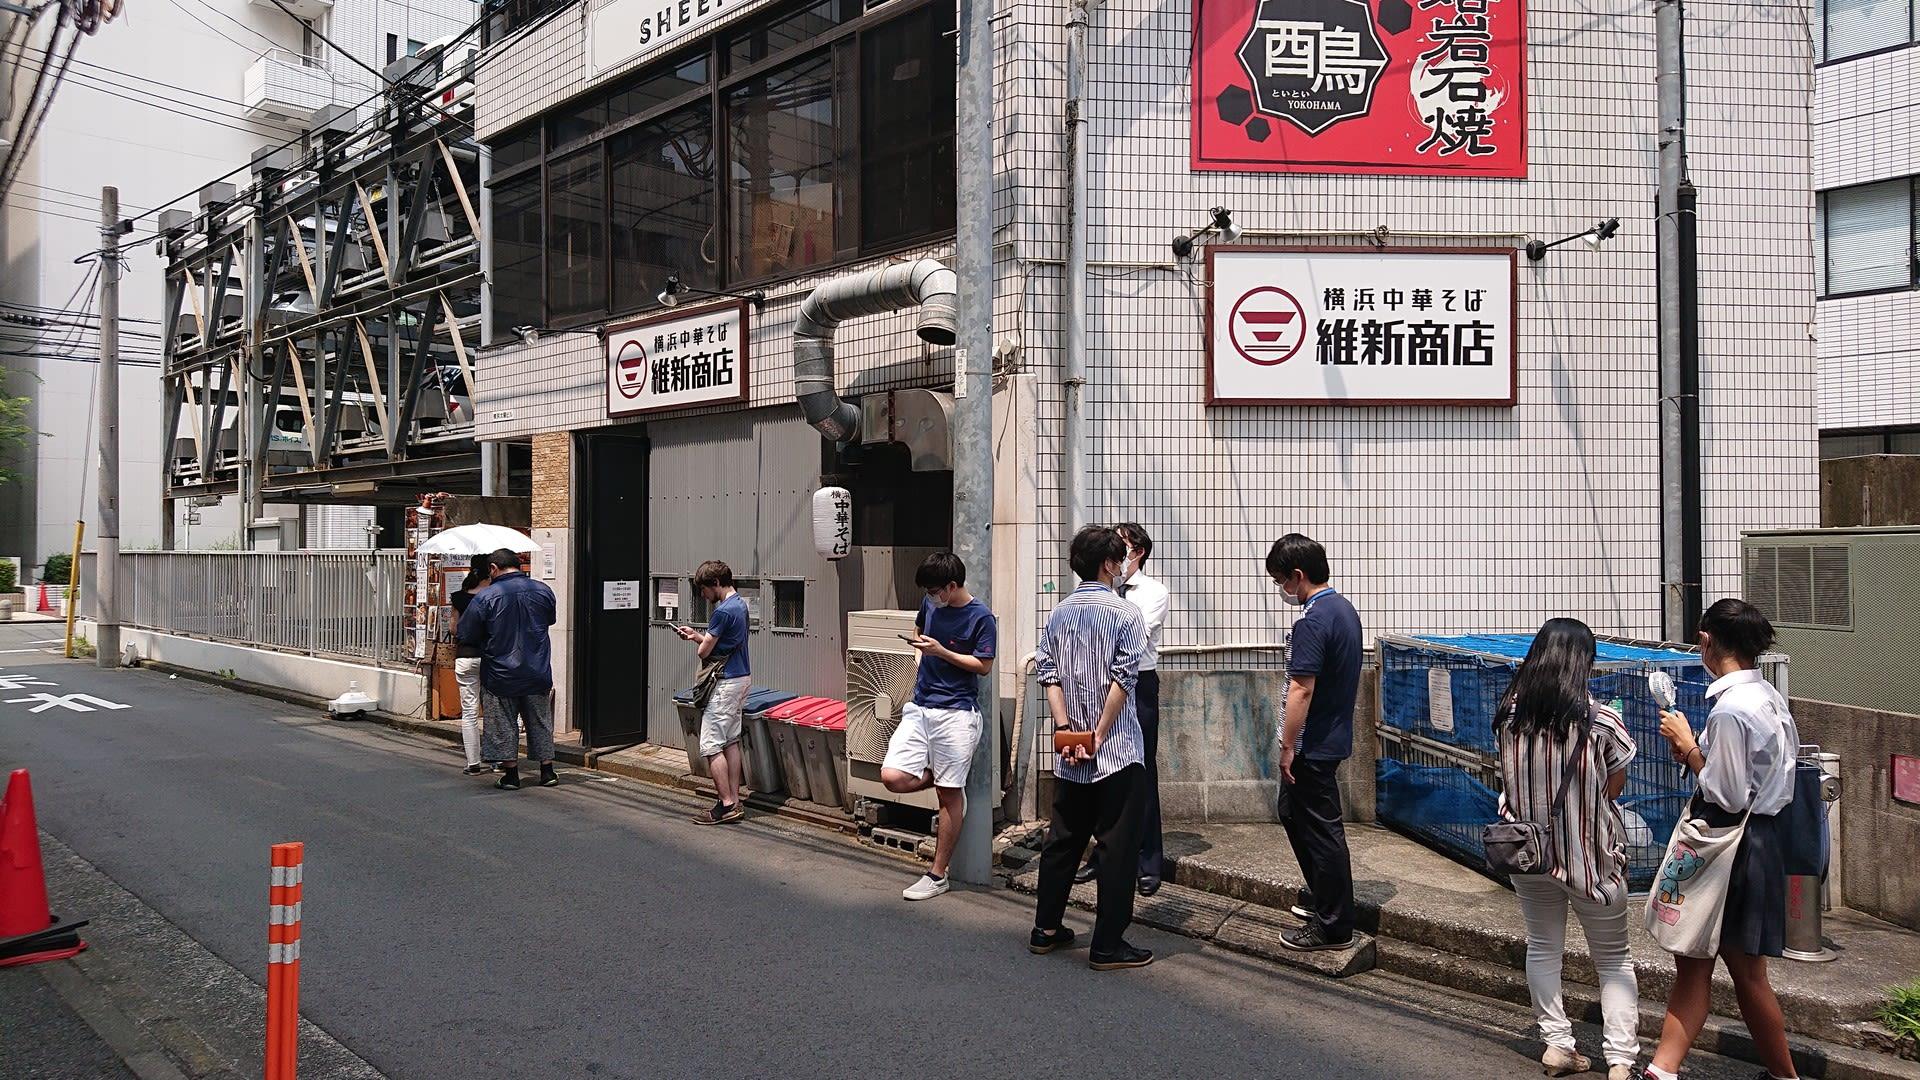 維新商店@横浜